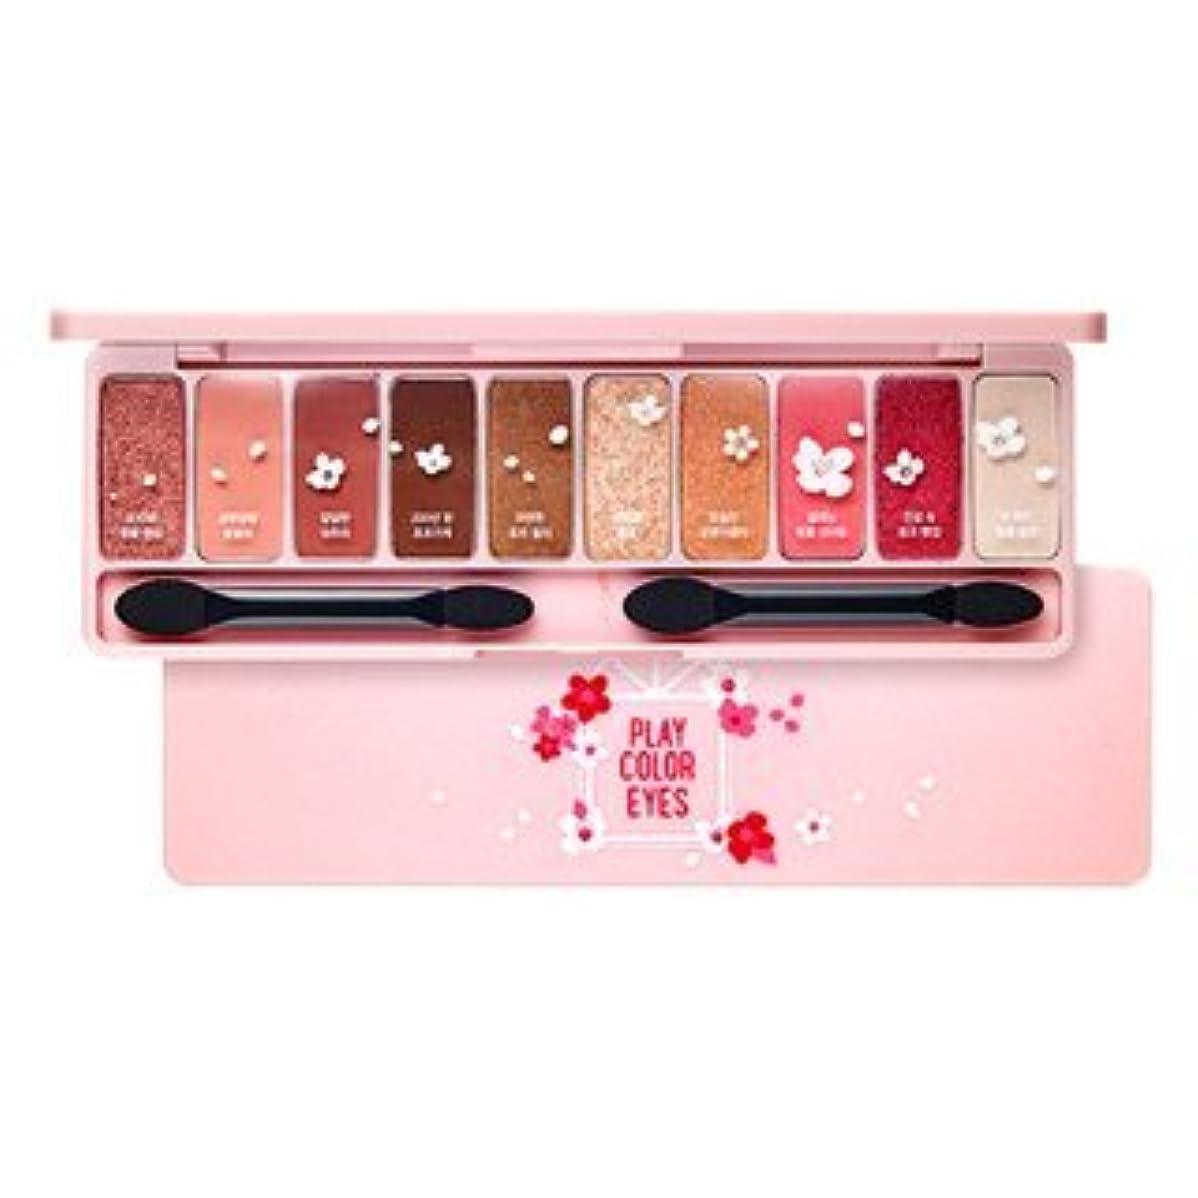 正当化する対立フェリーETUDE HOUSE Play Color Eyes Cherry Blossom / エチュードハウス プレイカラーアイズチェリーブロッサム 1g x10